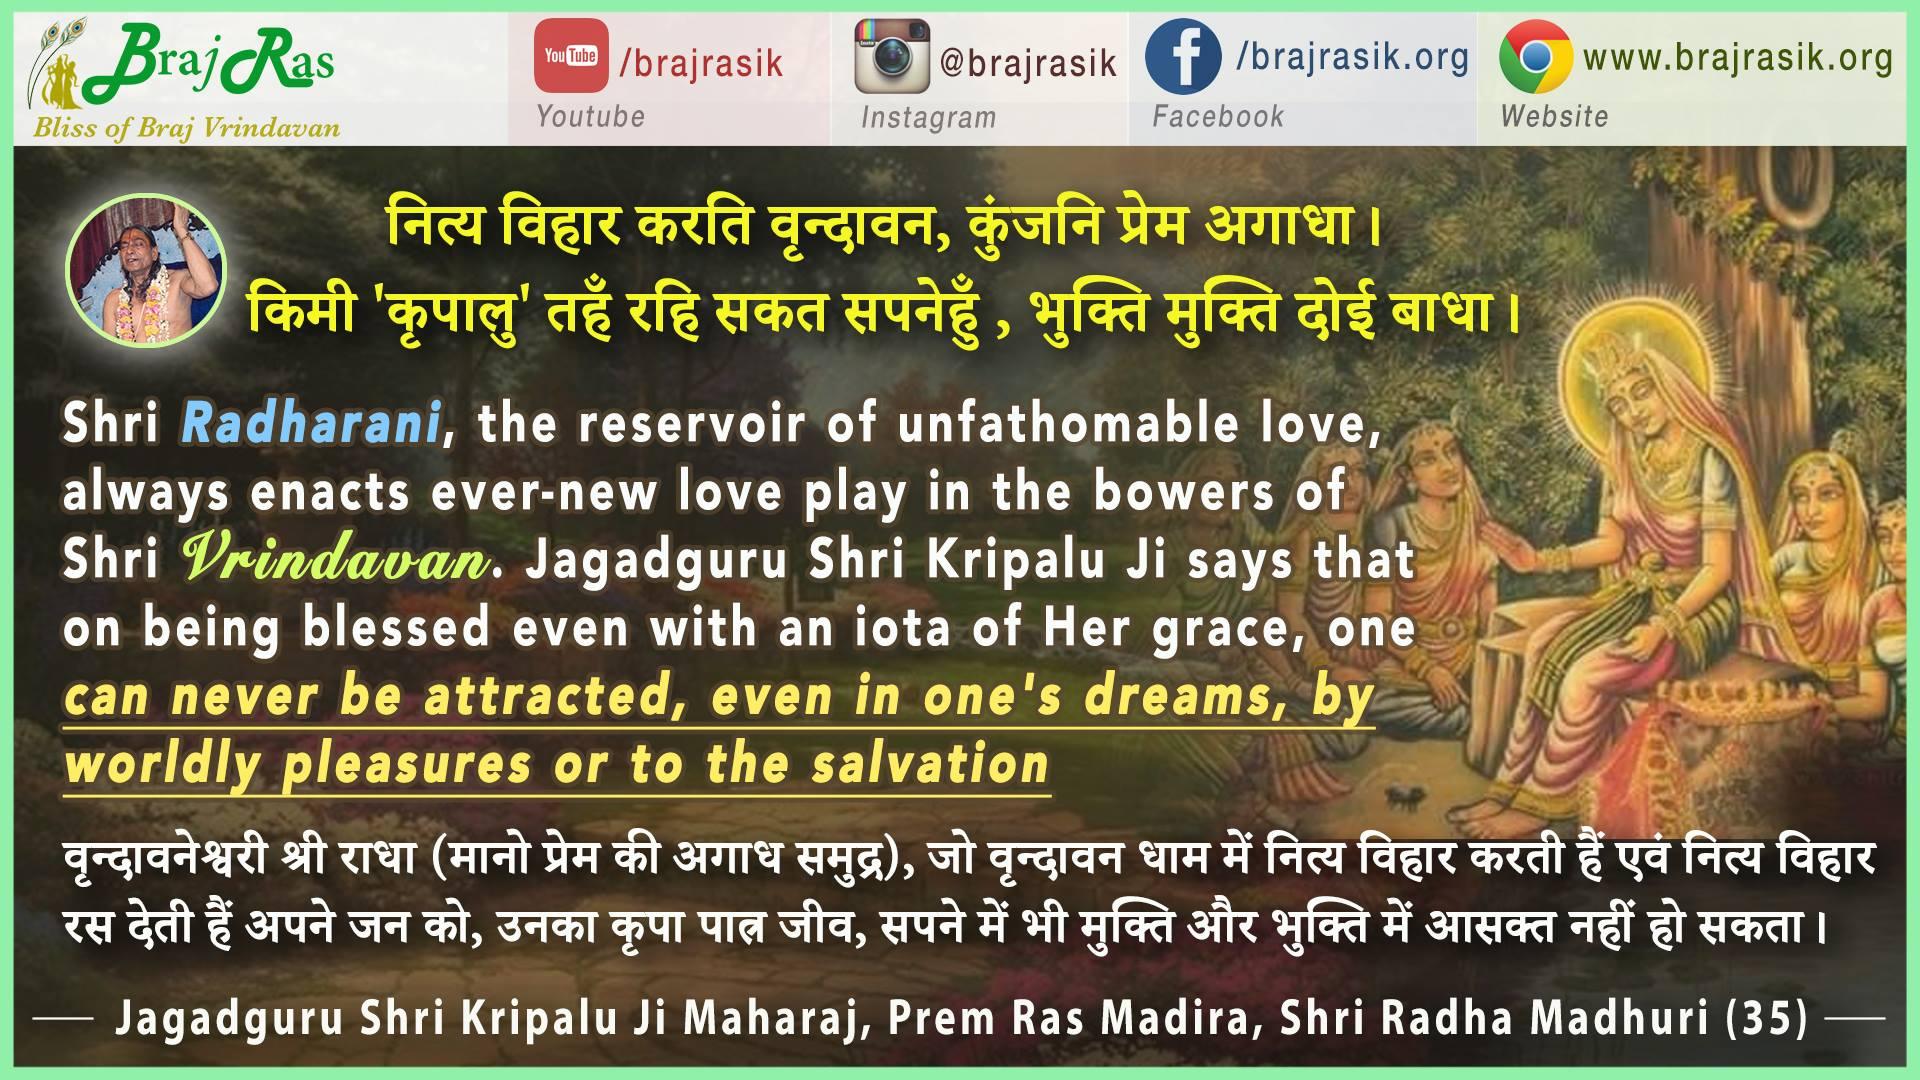 Nitya Vihar Karati Vrindavan - Jagadguru Shri Kripalu Ji Maharaj, Prem Ras Madira, Shri Radha Madhuri(35)